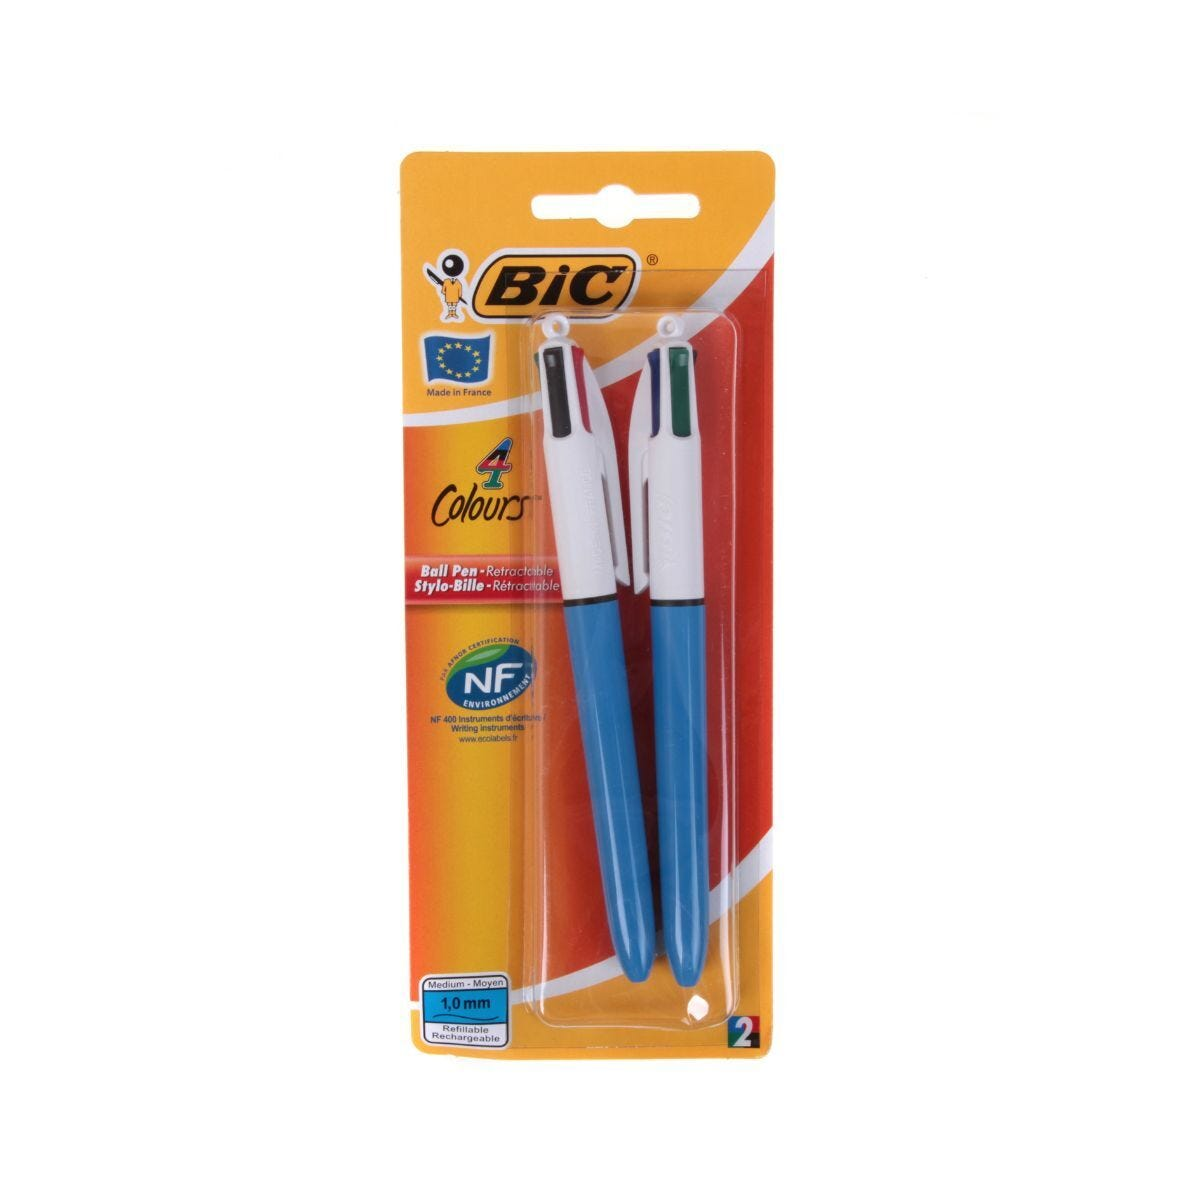 BiC 4 Colours Original Medium Pack of 2